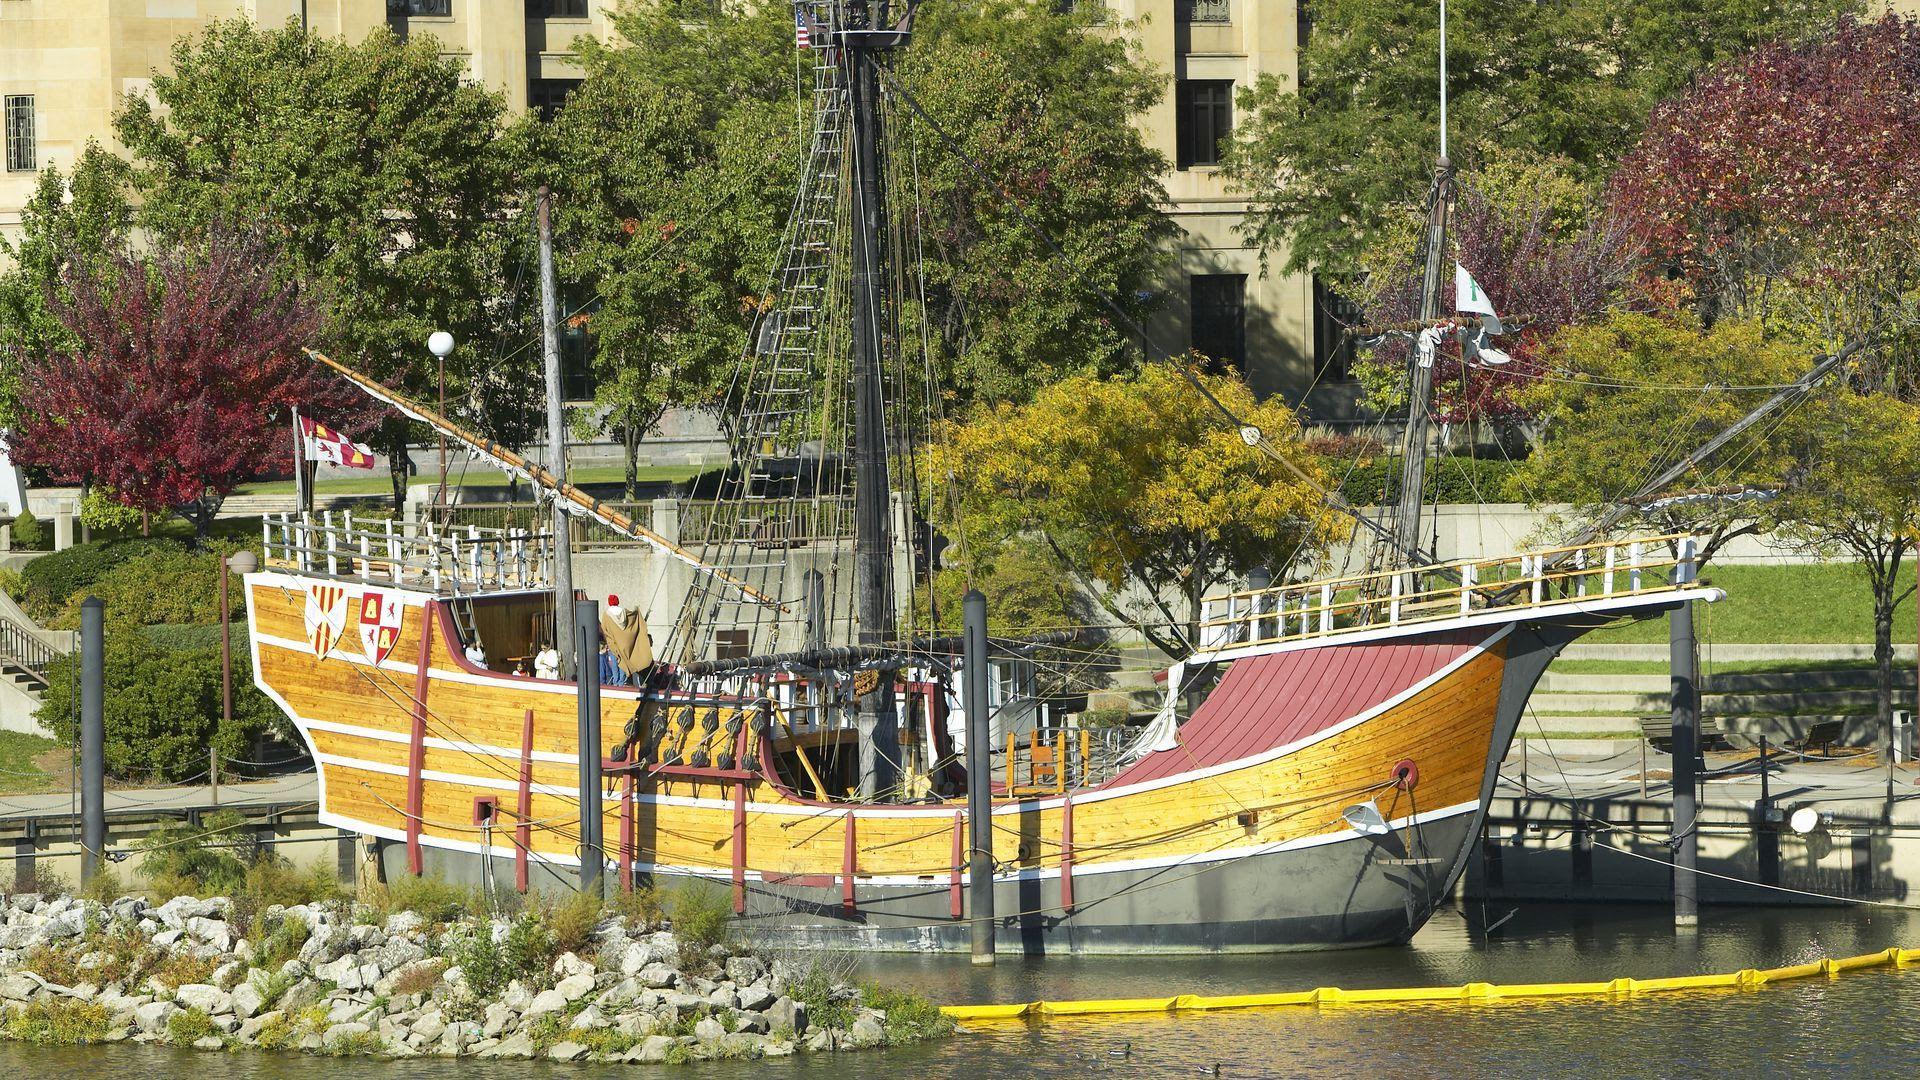 The wooden Santa Maria replica in the Scioto River.